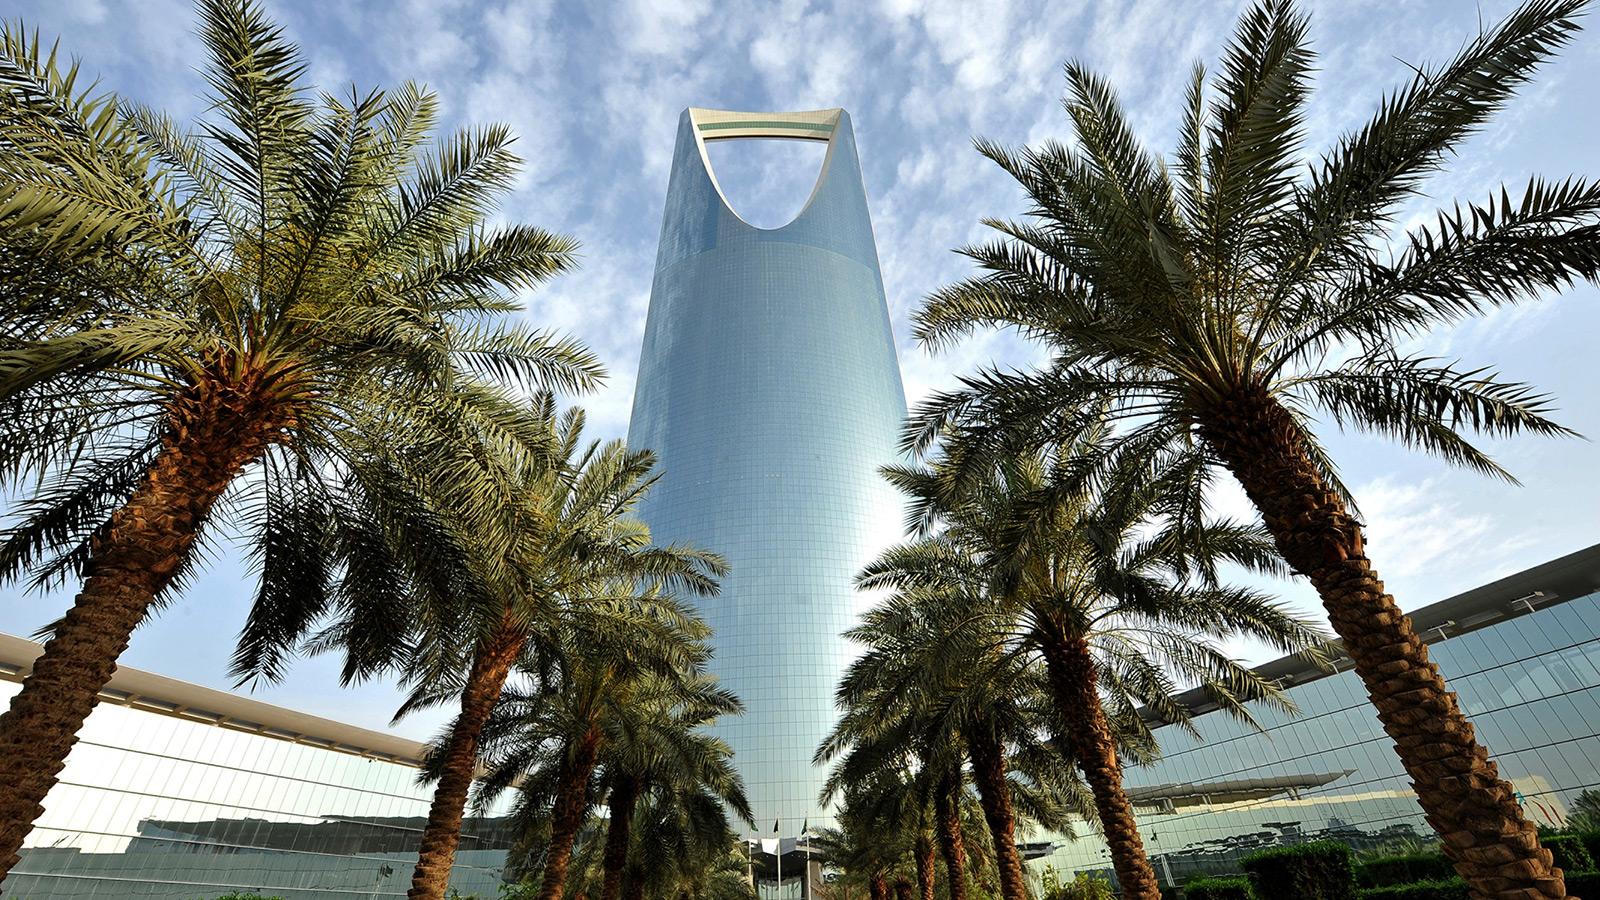 hotel in riyadh kingdom tower four seasons at kingdom